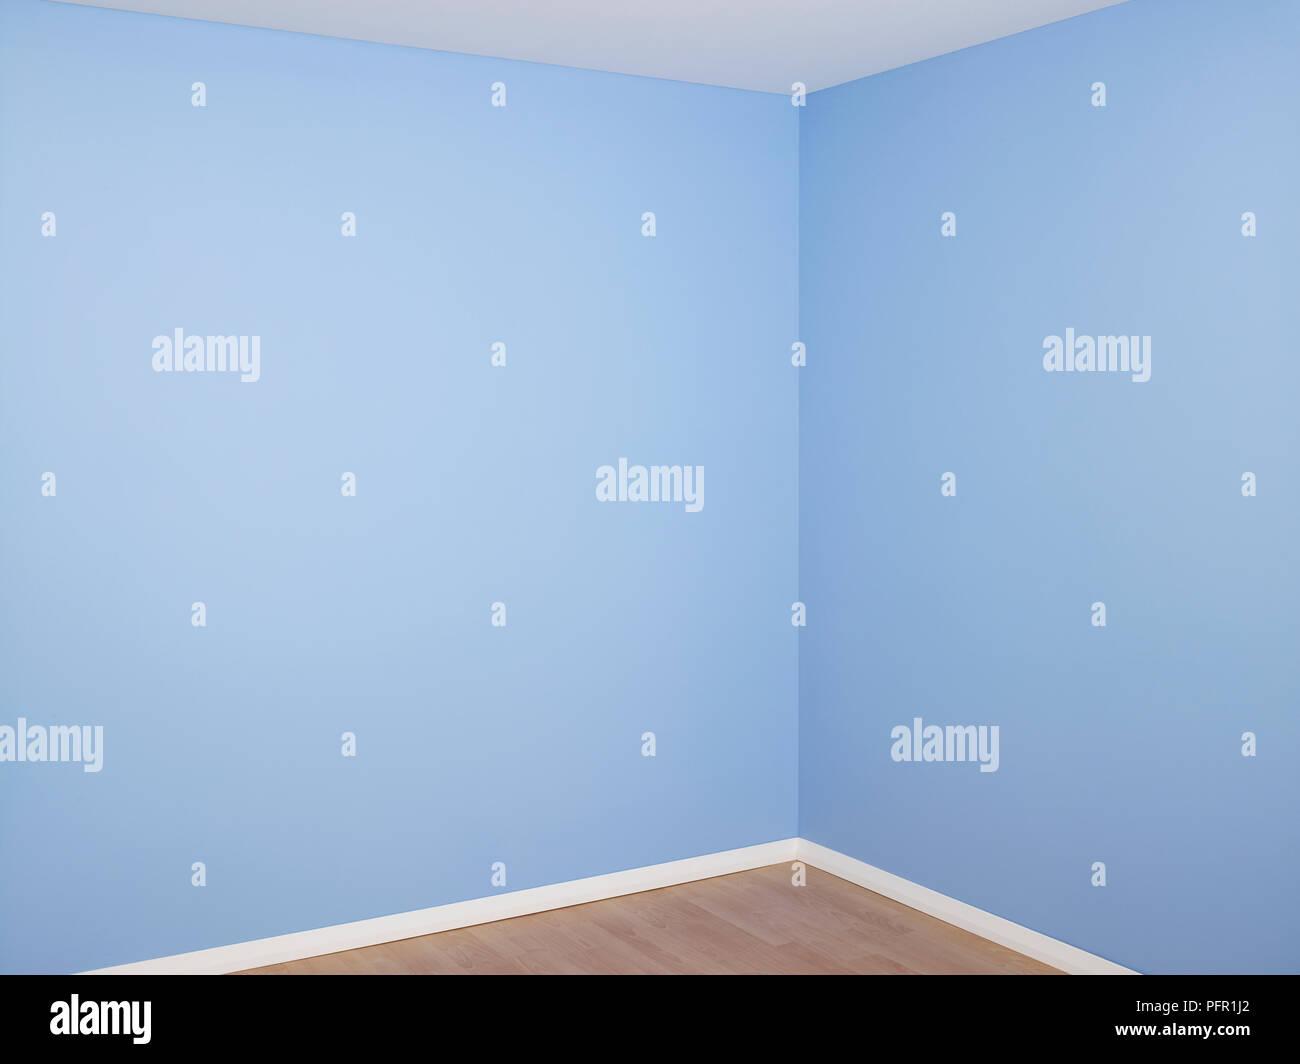 Battiscopa In Legno Bianco stanza vuota con recentemente decorato pareti blu, bianco